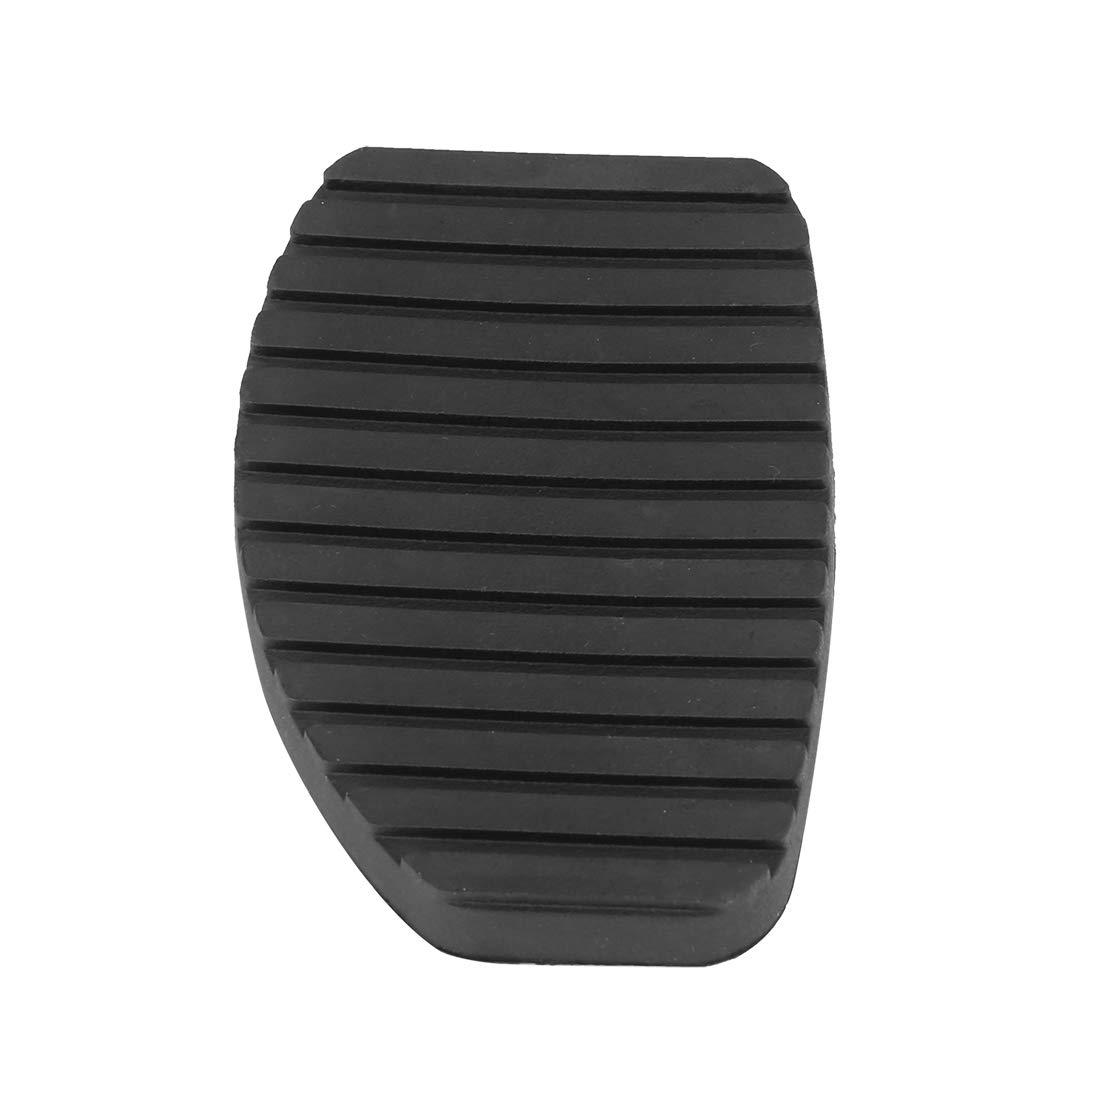 X AUTOHAUX Car Clutch Pedal Pad Rubber for Peugeot 306 405 406 407 508 607 Expert Partner